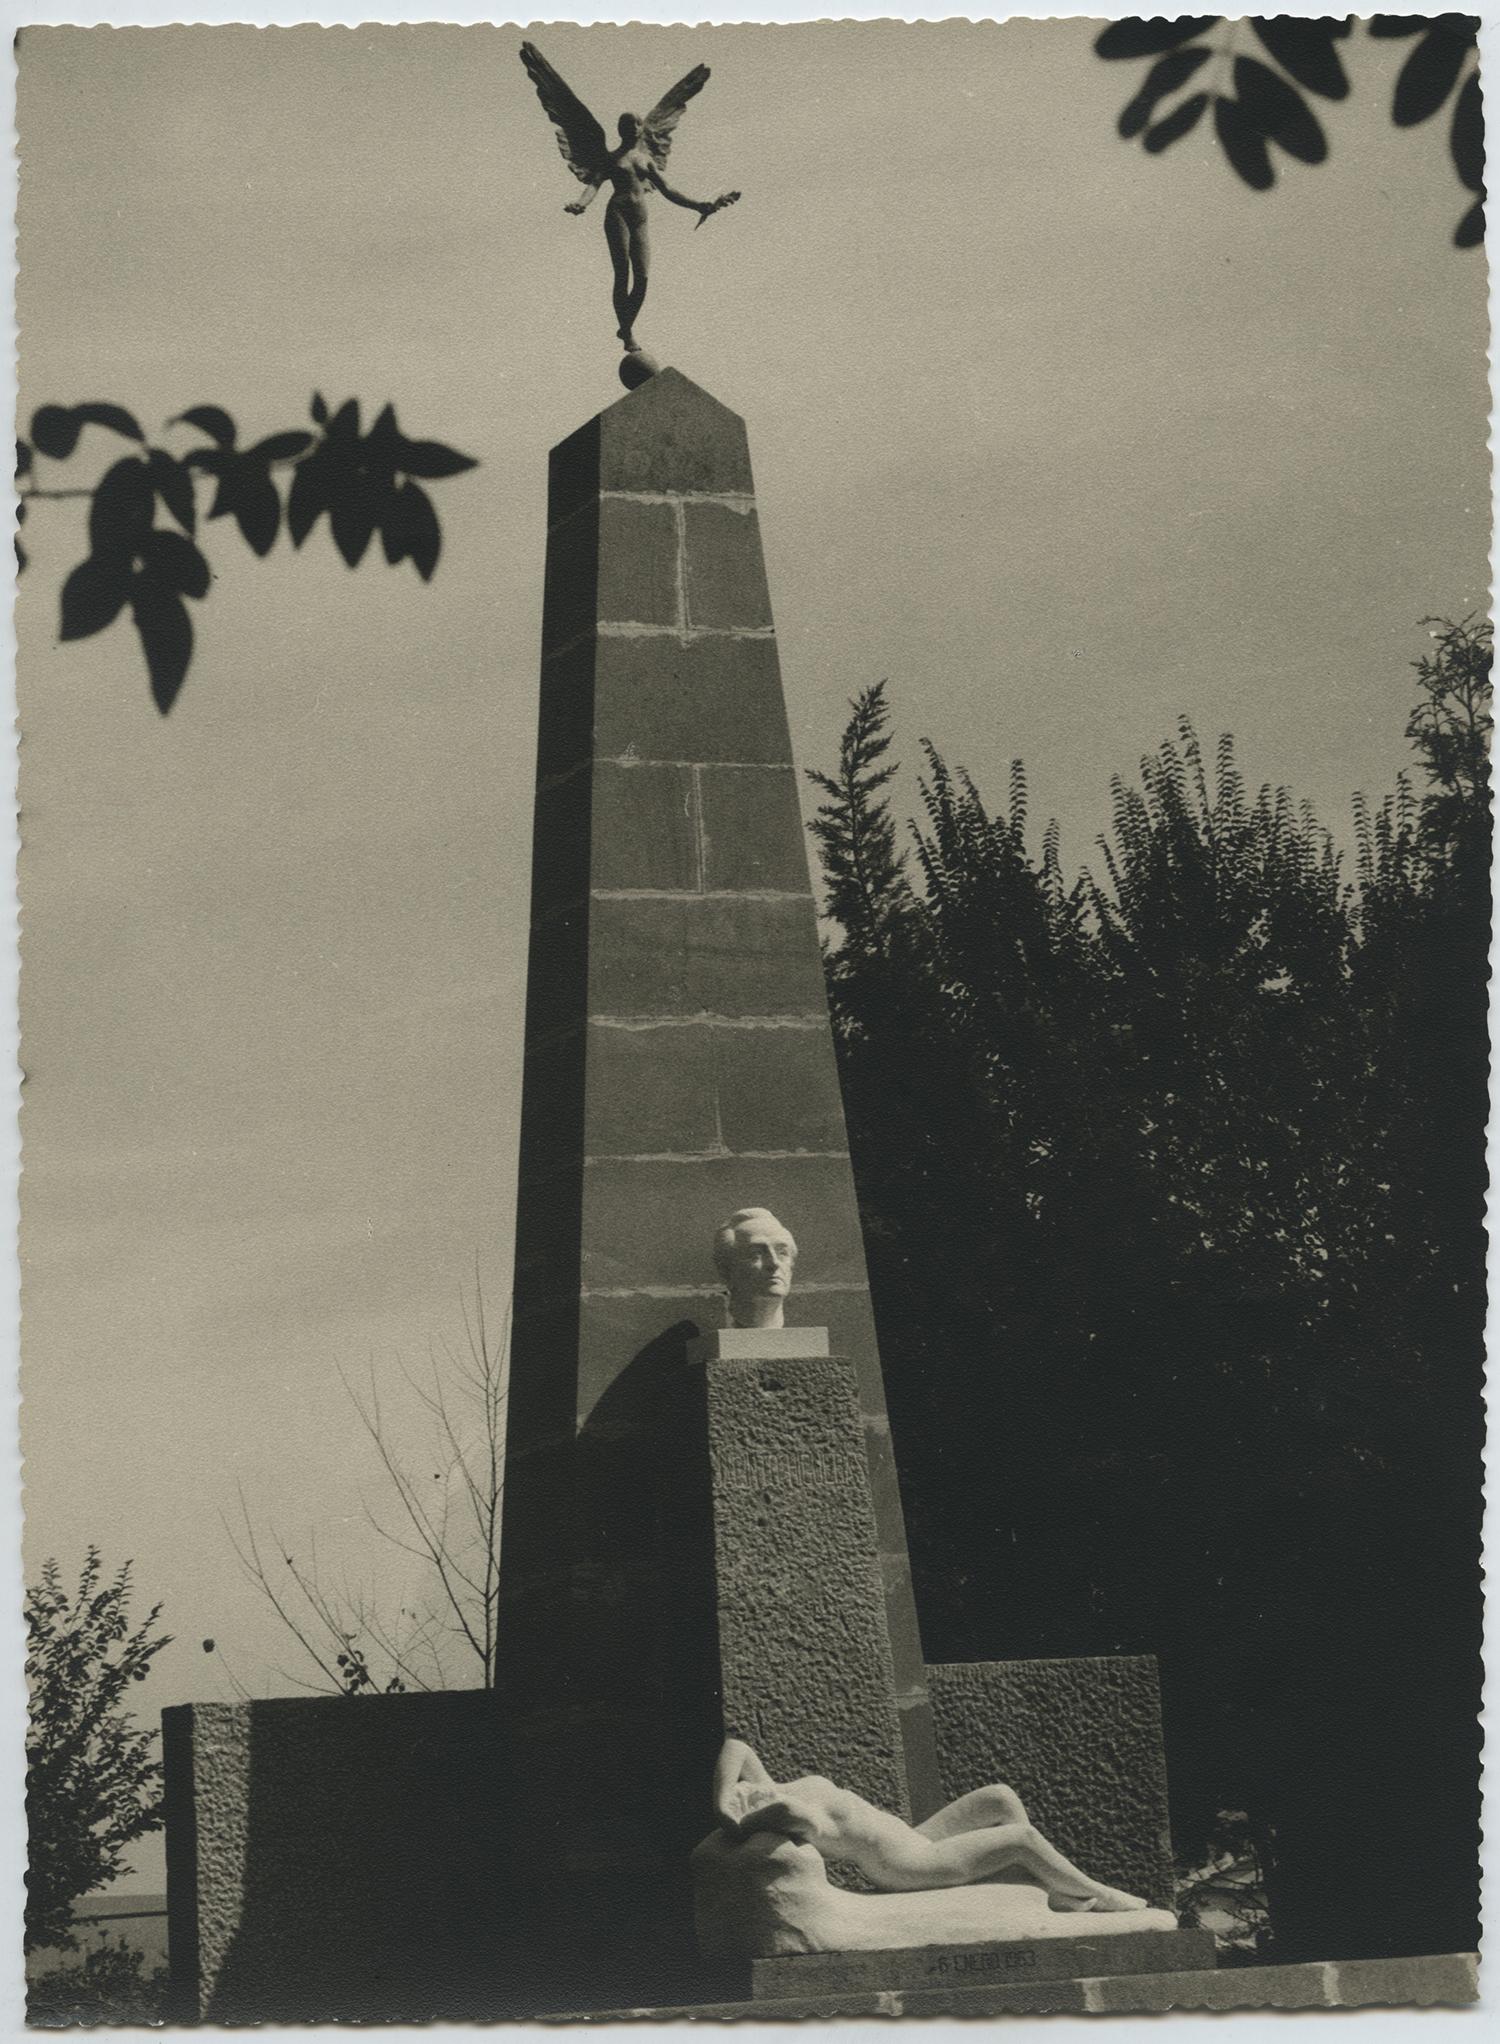 1961.3. Monumento a Jacinto Higueras Fuentes, Cabeza en bronce (JHC), Bética (JHF) y Victoria (JHF). Plaza Ramón y Cajal, Santisteban del Puerto, Jaén. 1961